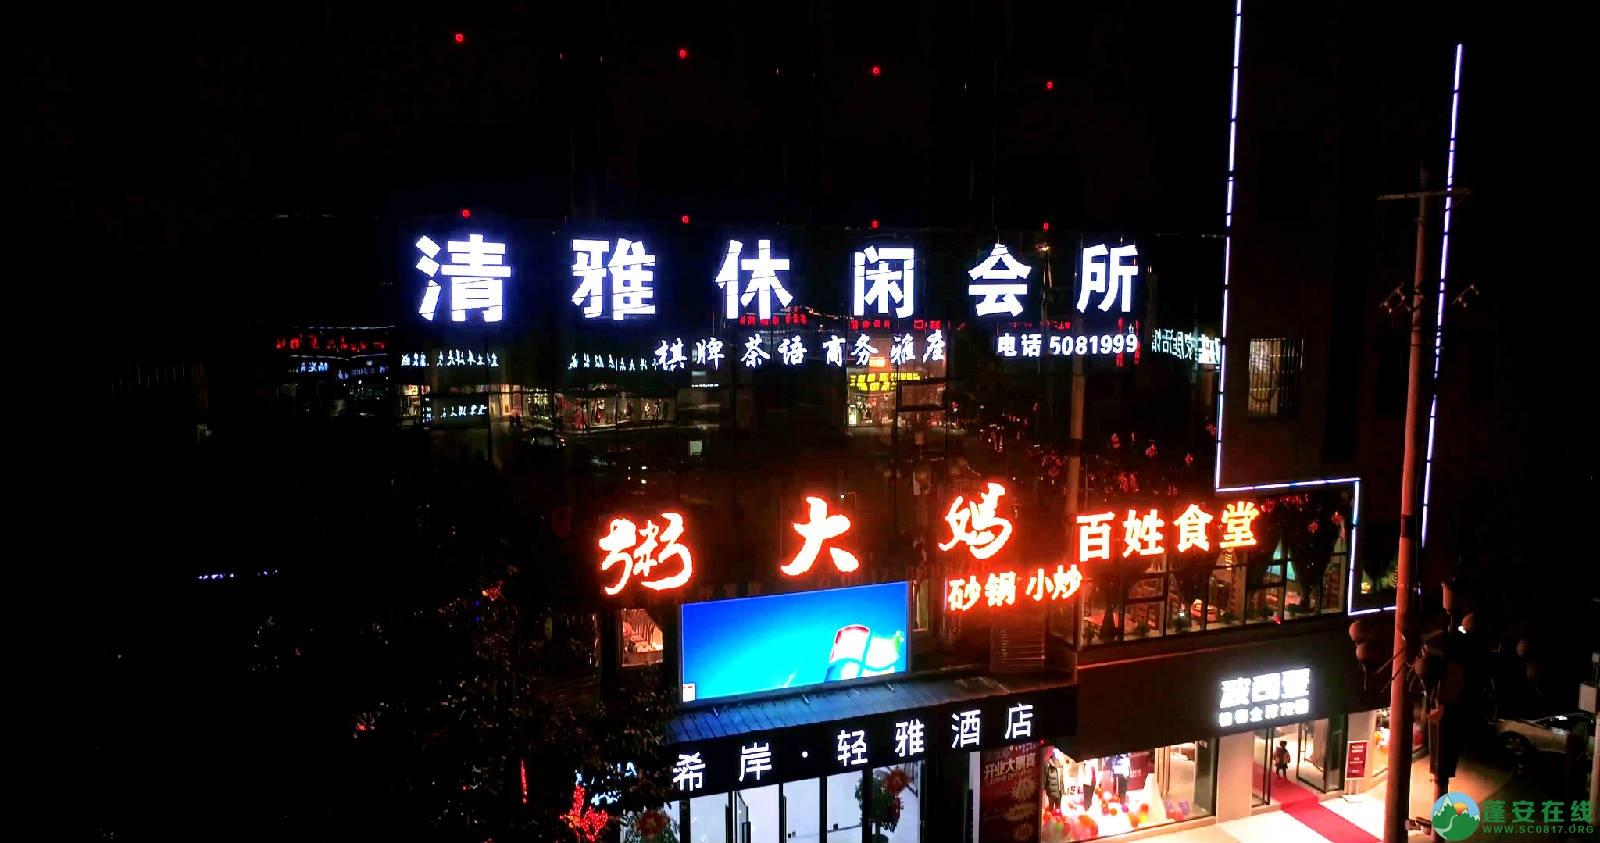 临近春节的蓬安夜色 - 第12张  | 蓬安在线